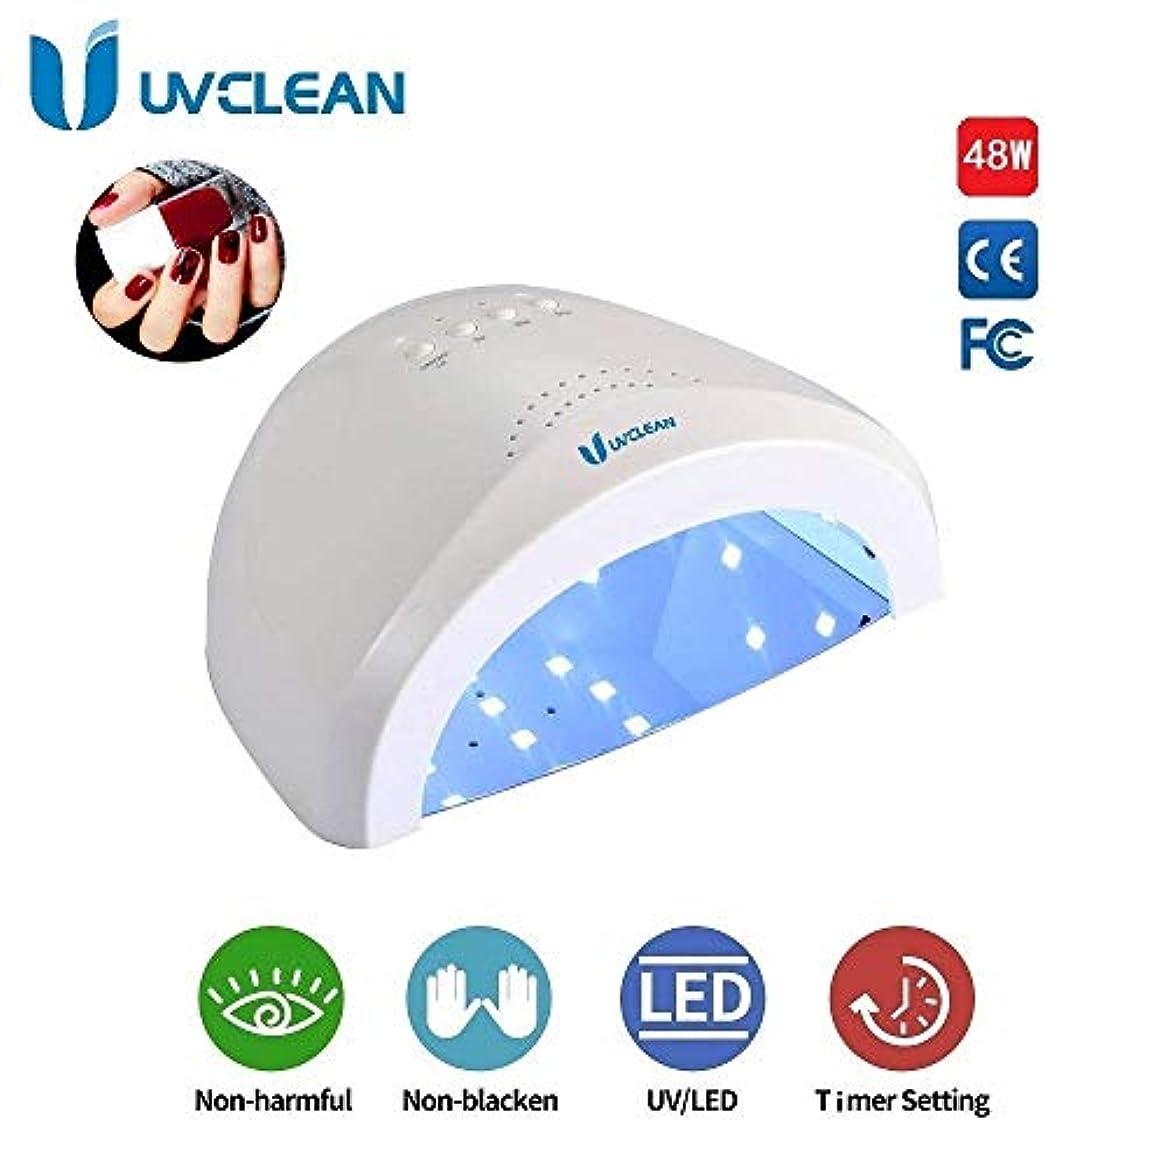 ネスト適応一回タイマー記憶センサーと2倍速の機能を有する48wのUV LEDネイルランプ、ネイルカラー乾燥機、ネイルカラー硬化ランプ、ネイルサロンランプ (ホワイト)